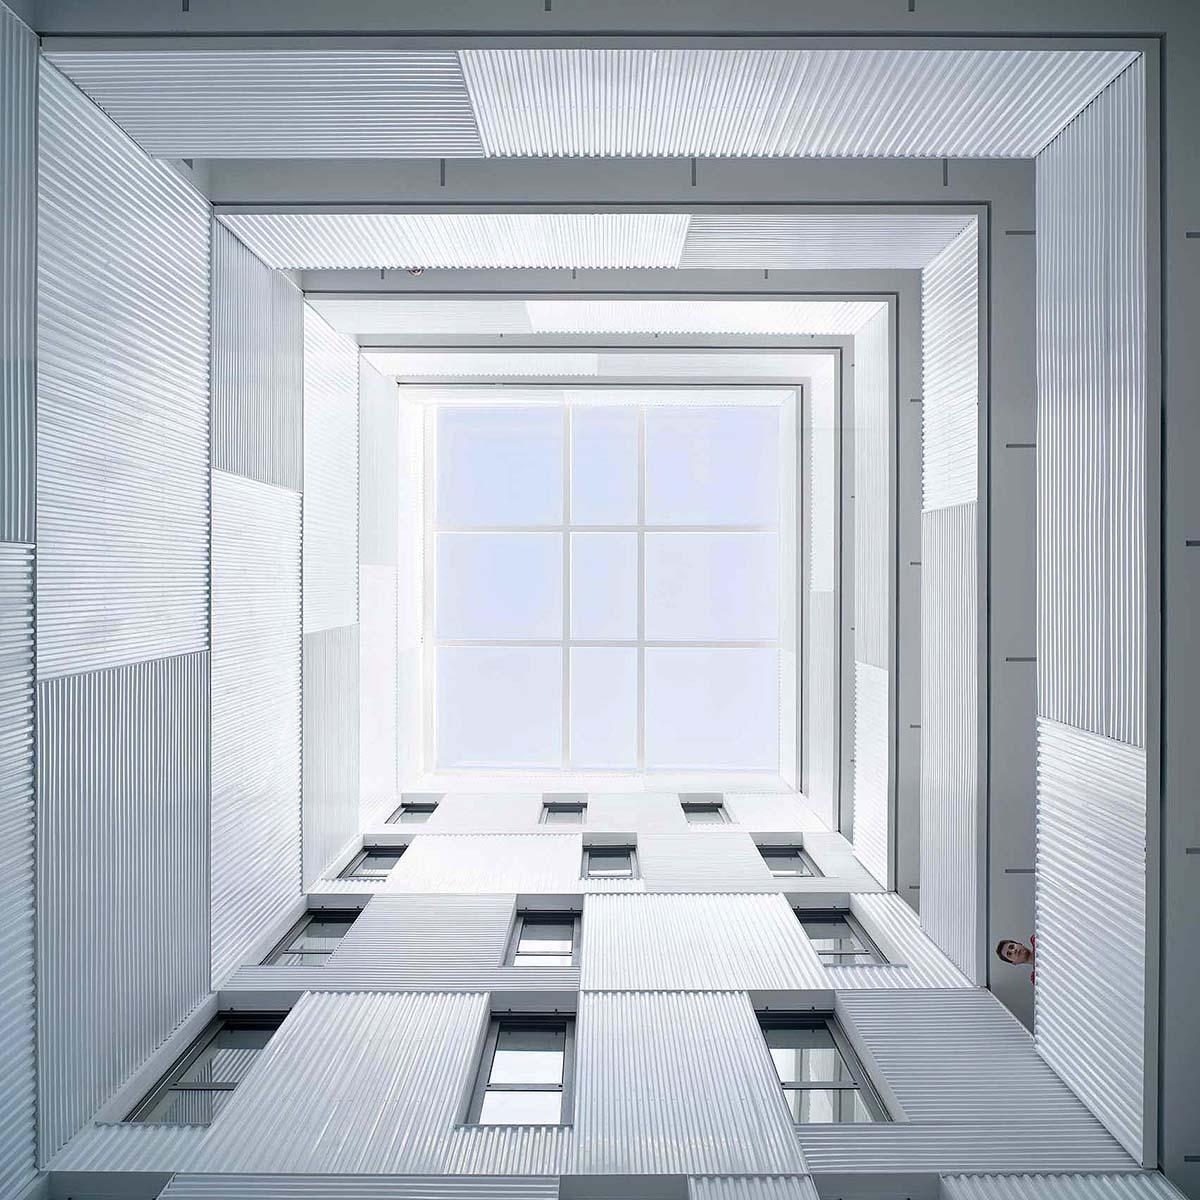 Edificio-73-viviendas-alquiler-Munoz-Miranda-Architects-03